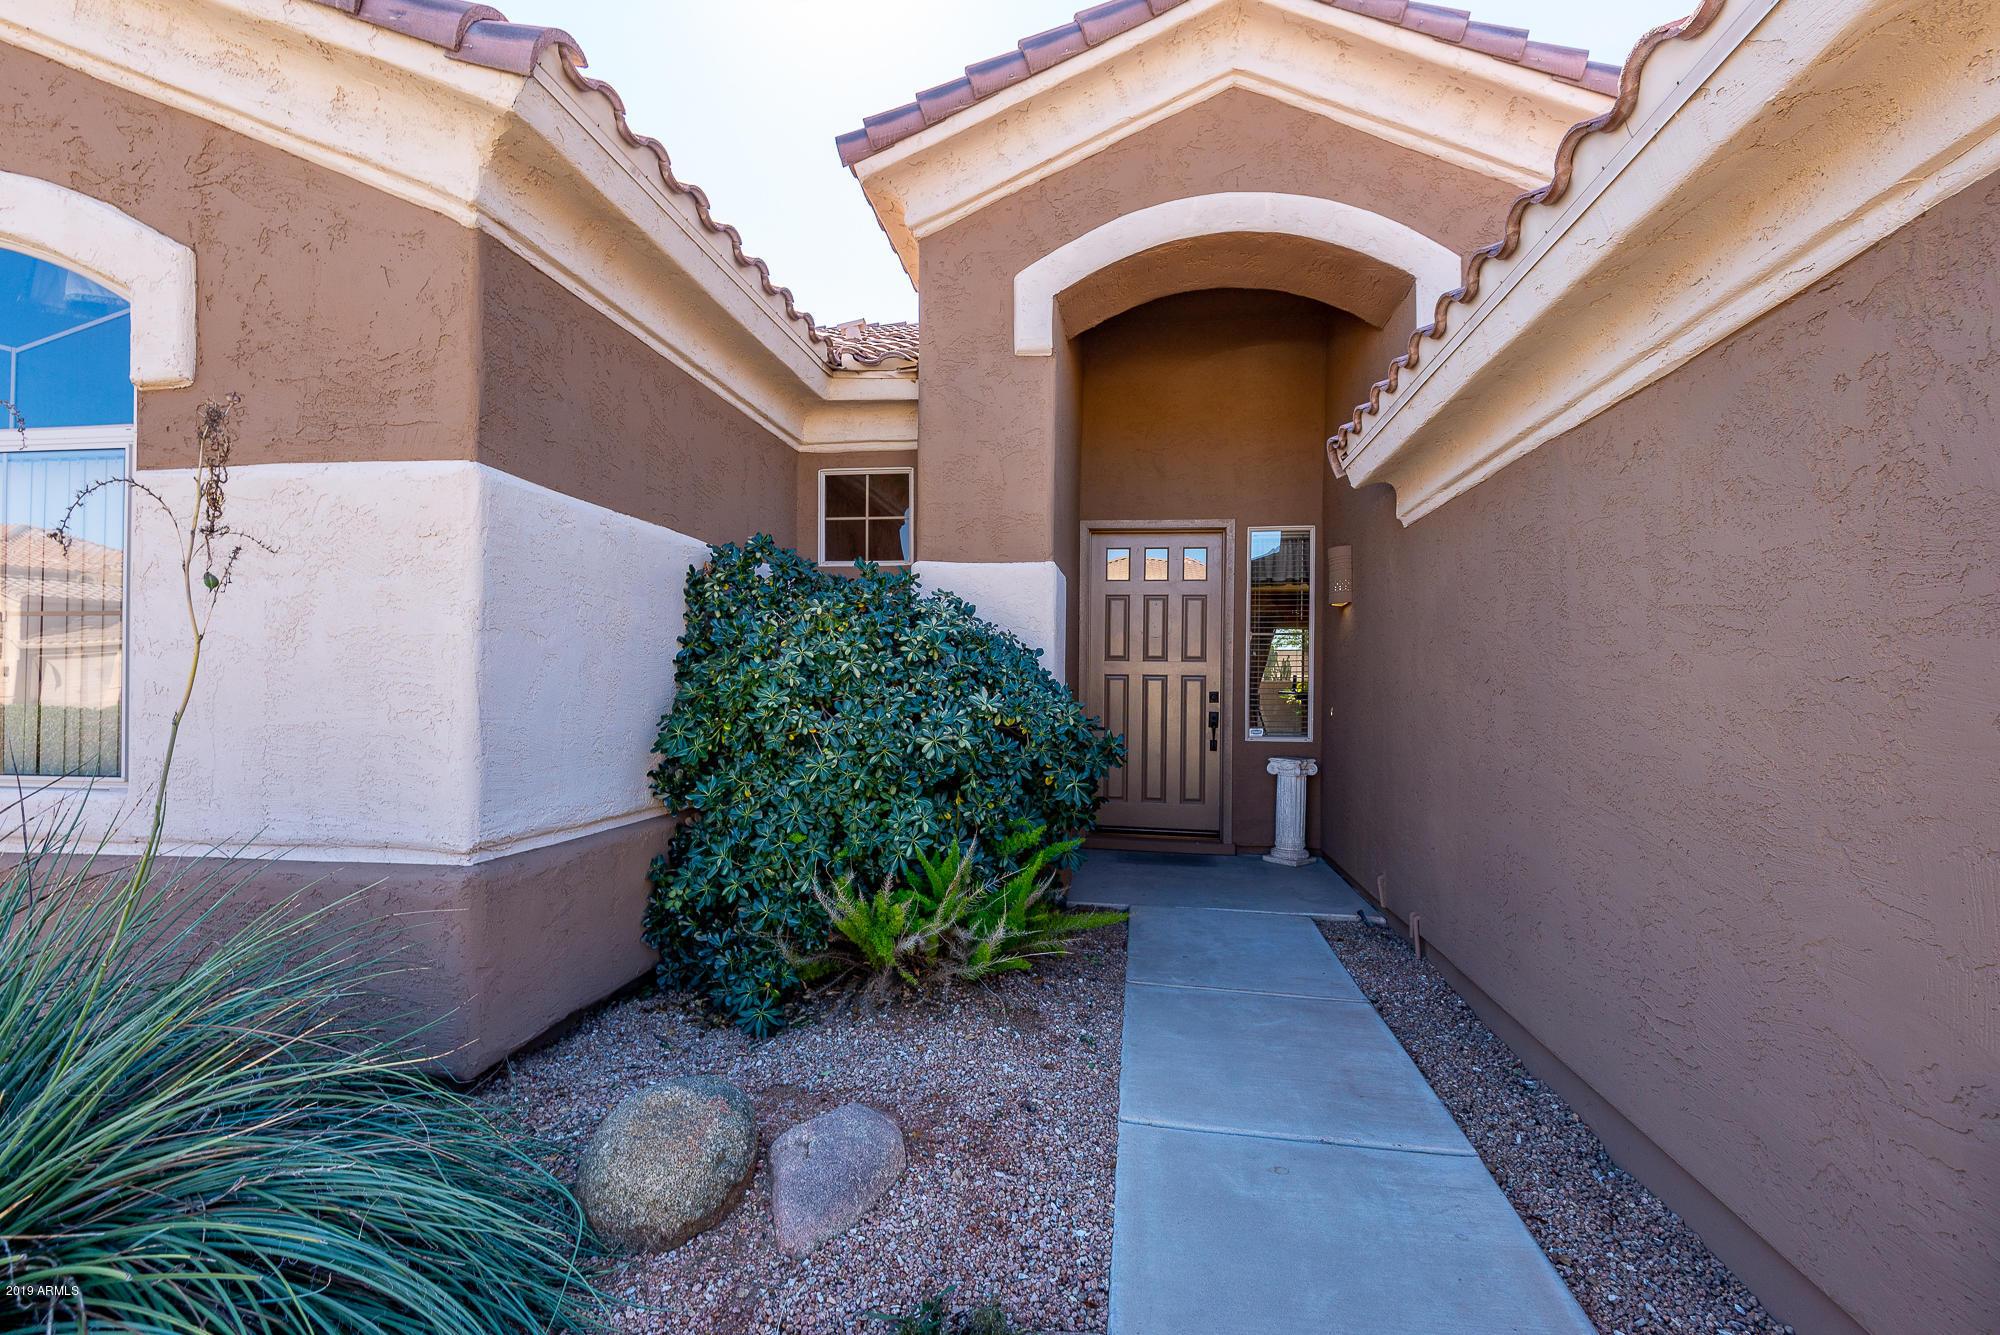 MLS 5878746 2281 E Binner Drive, Chandler, AZ 85225 Chandler AZ Dobson Place